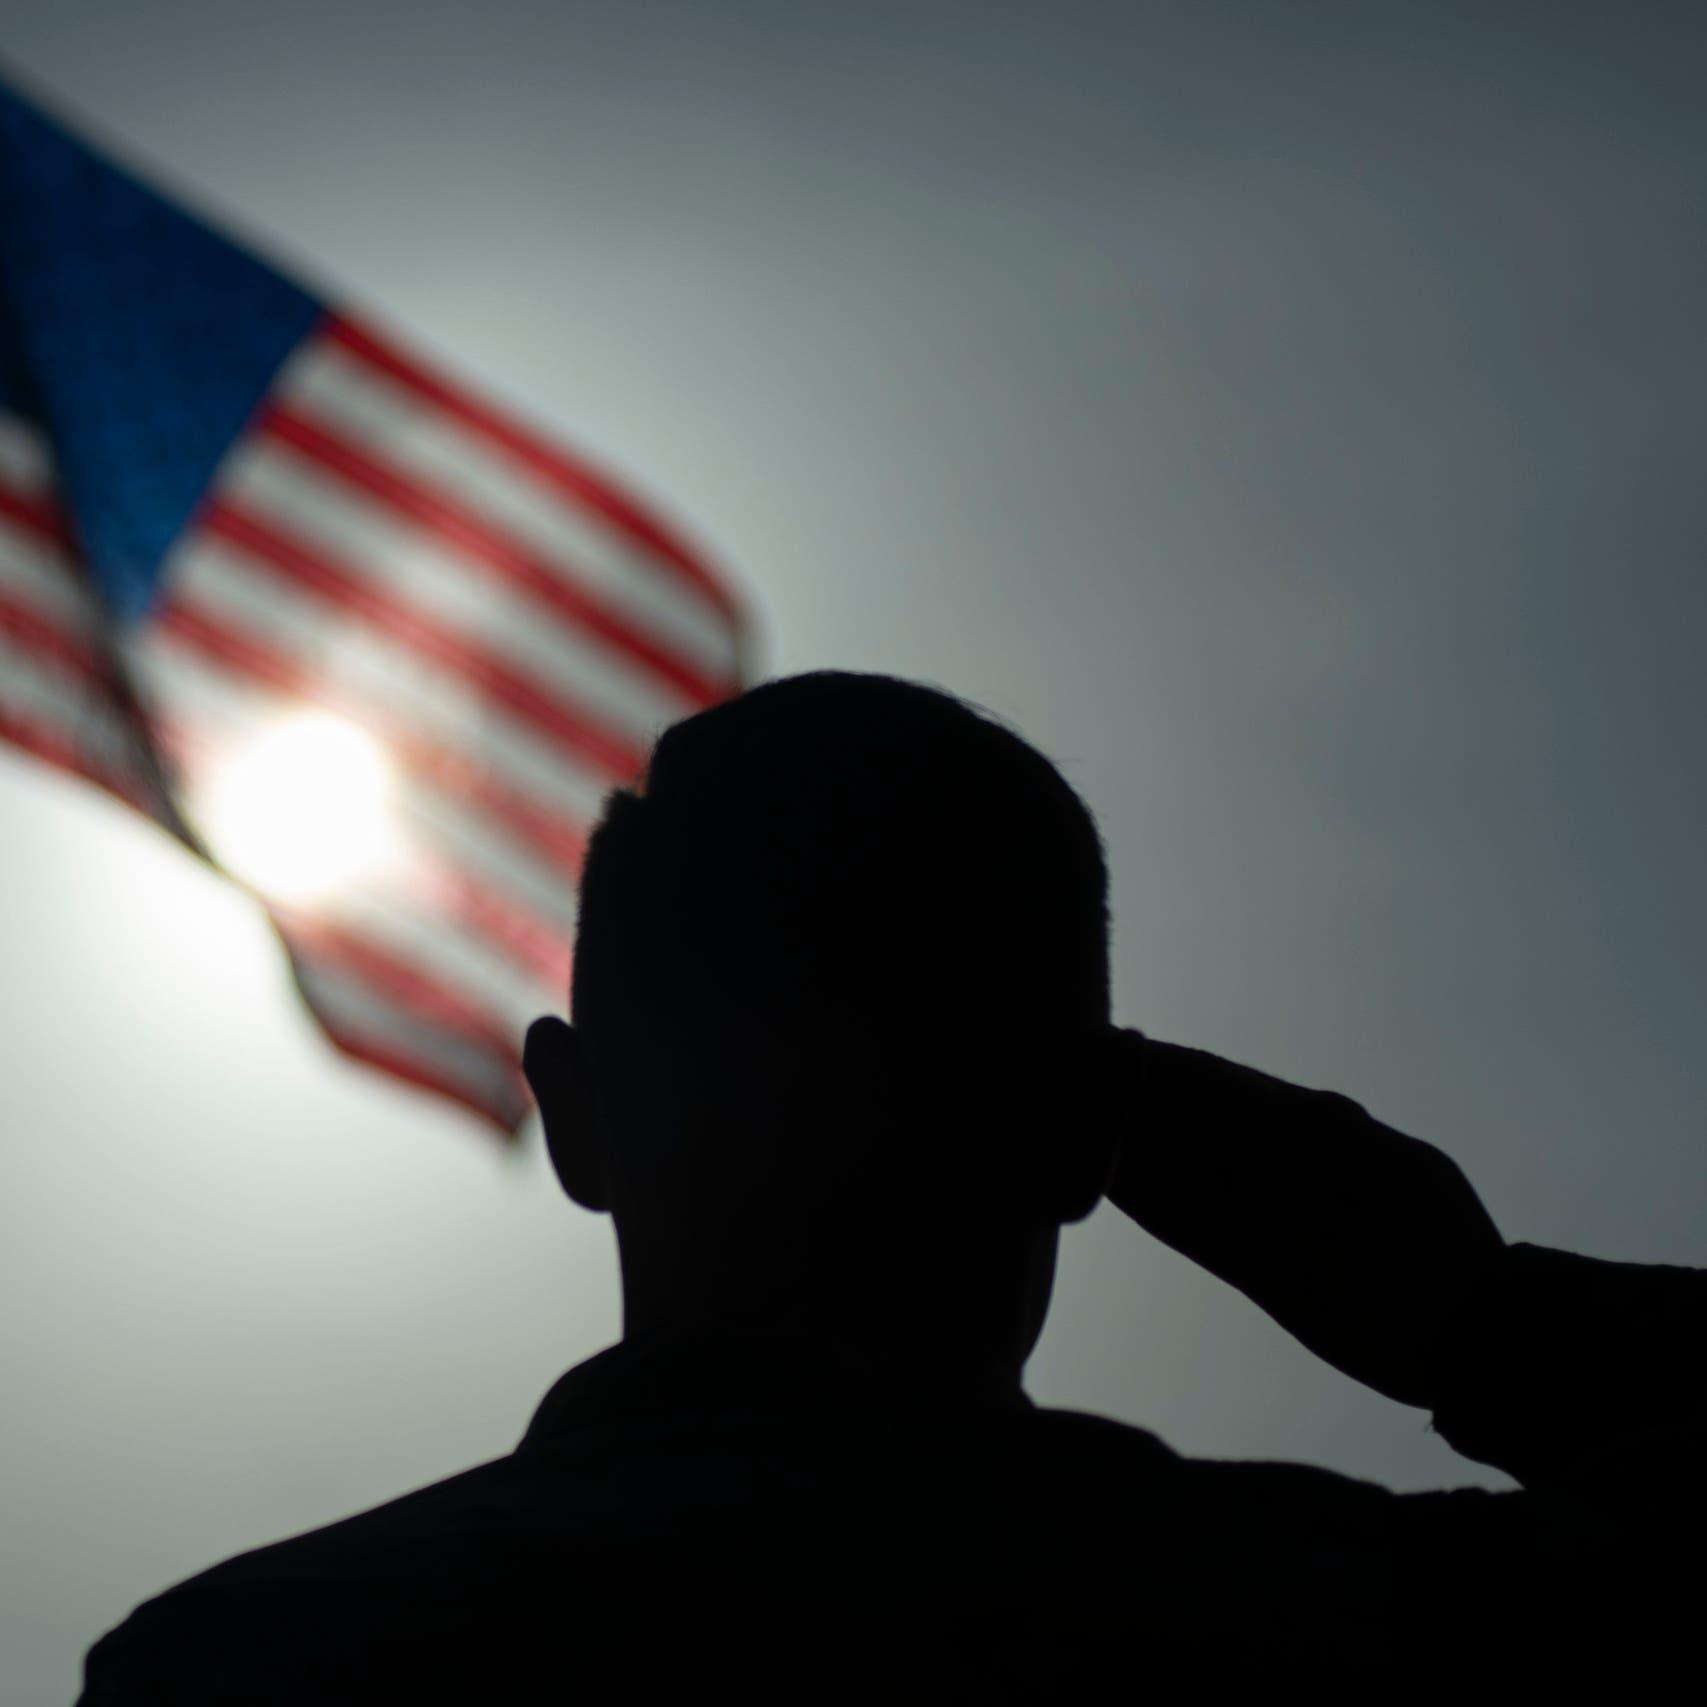 ترمب يأمر بسحب غالبية القوات الأميركية من الصومال بحلول 2021